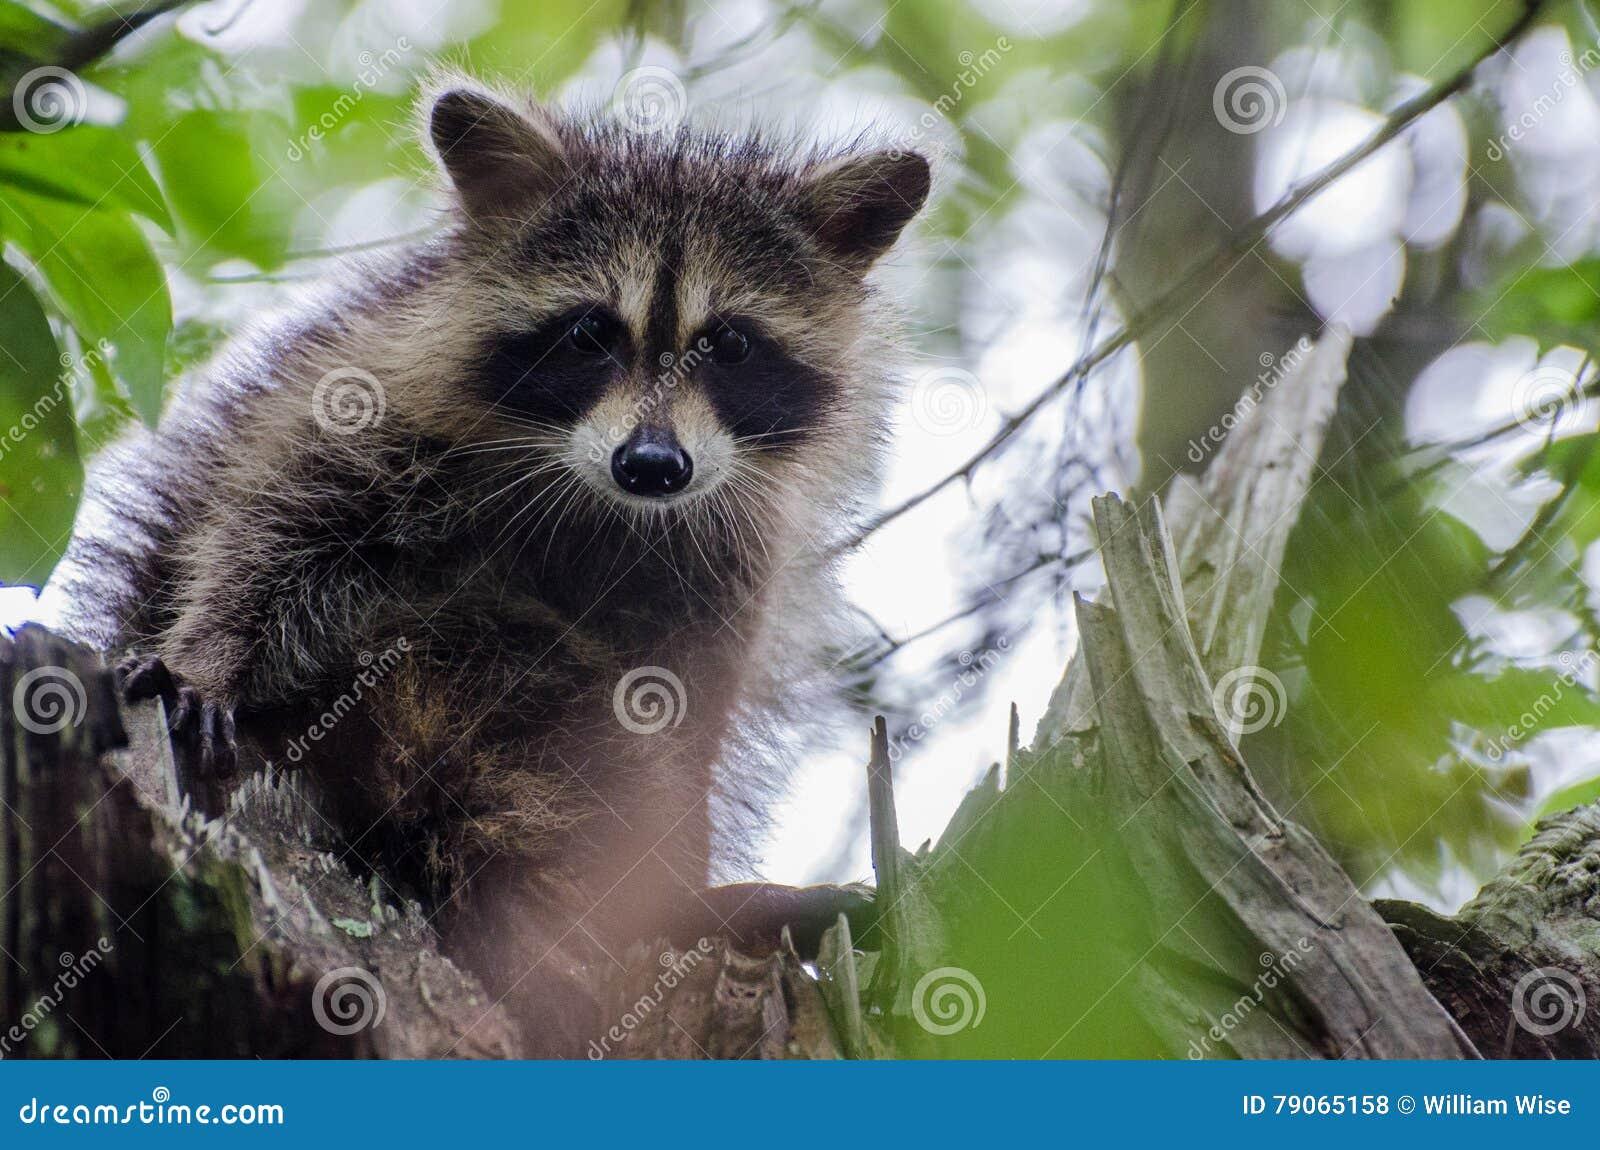 b732a514147ef6 Junger Waschbär im Baum stockfoto. Bild von abgedeckt - 79065158